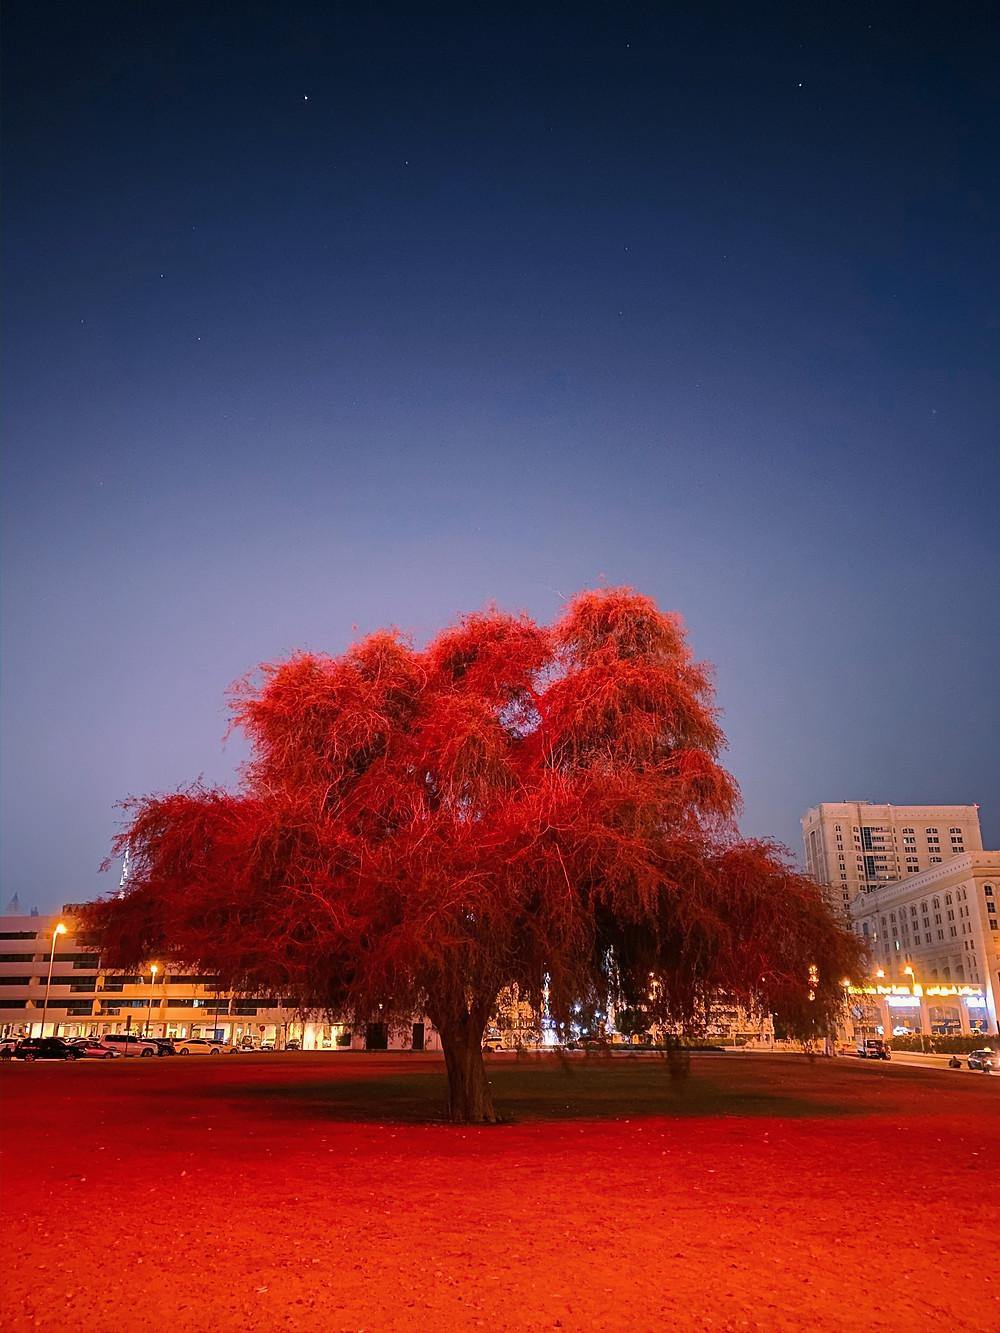 Árvore com folhas vermelhas sob um céu estrelado